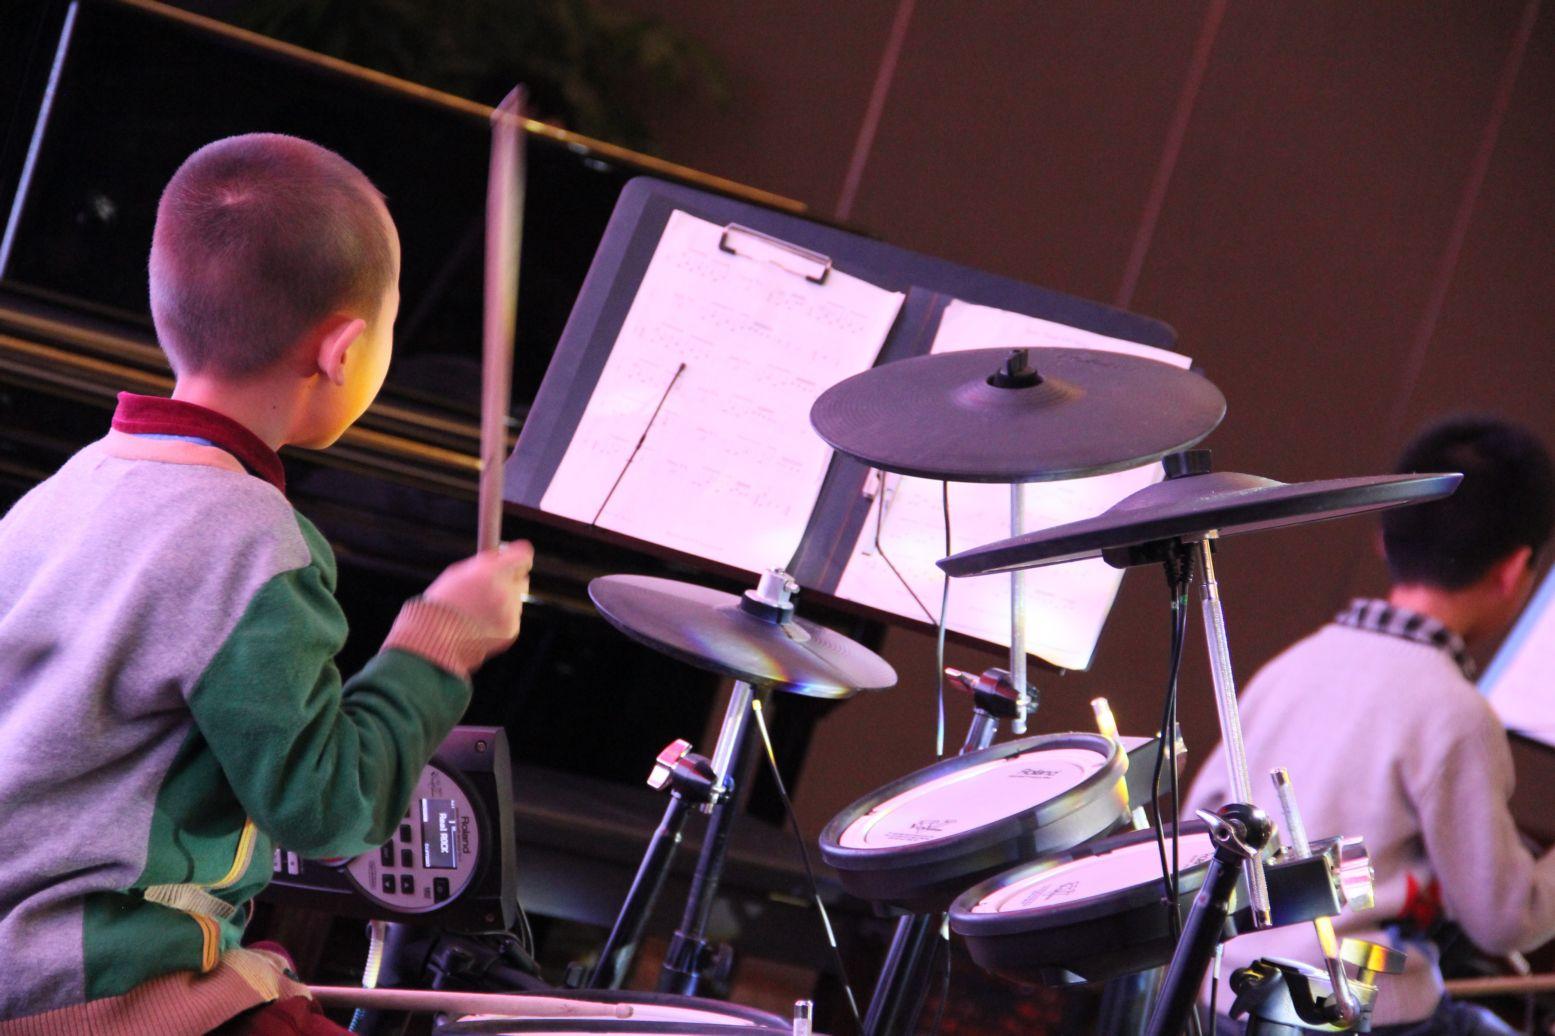 电子琴打架子鼓_架子鼓独奏是要播放伴奏好还是歌曲好-